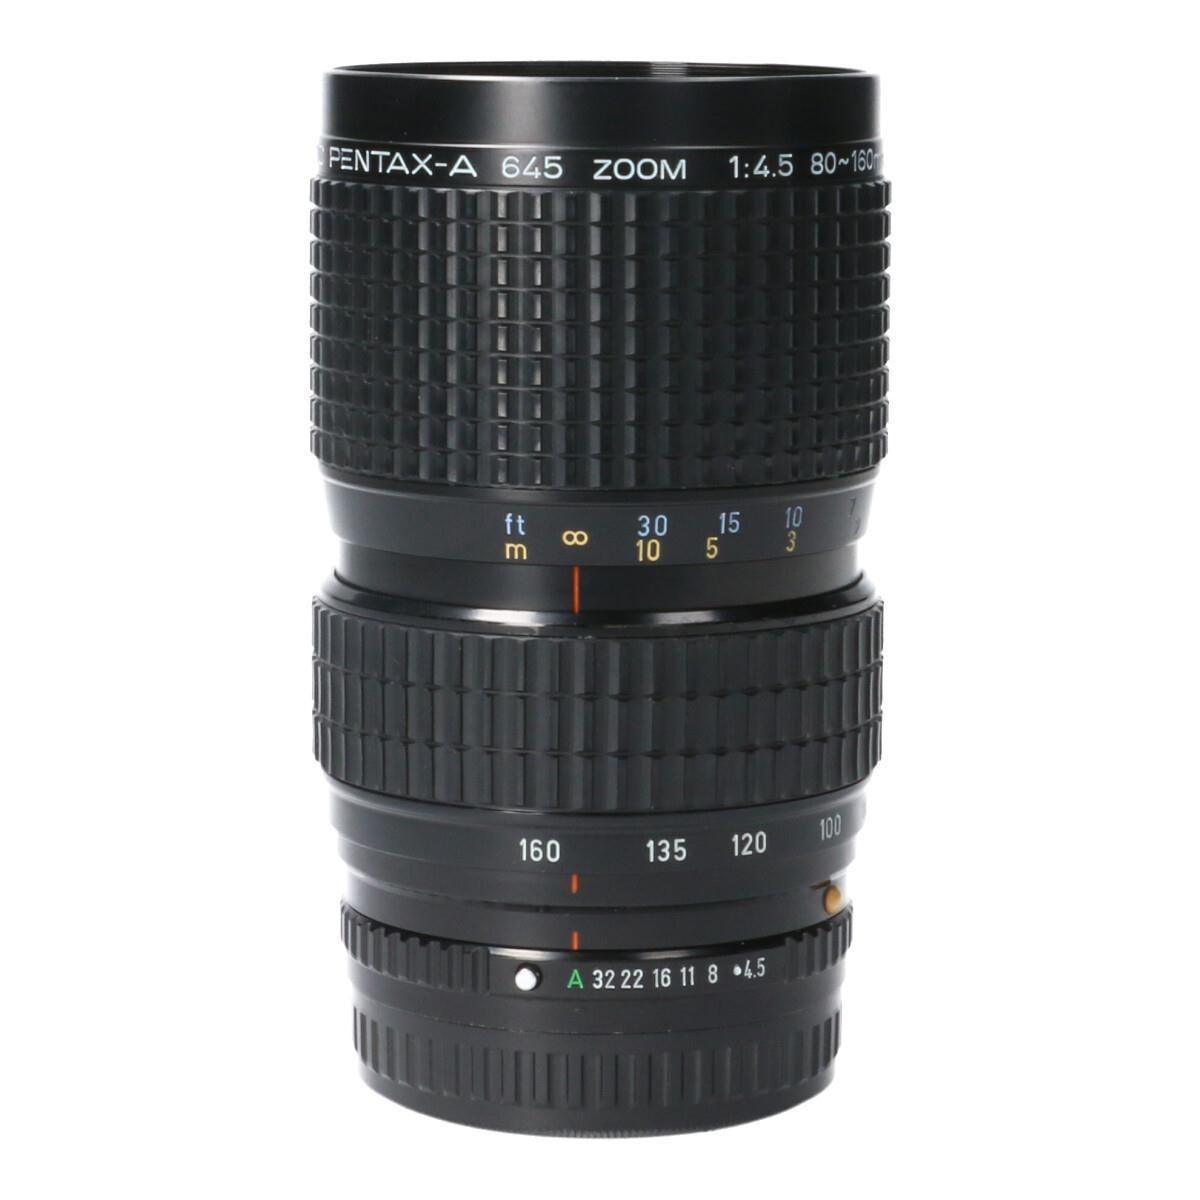 PENTAX A80-160mm F4.5(645)